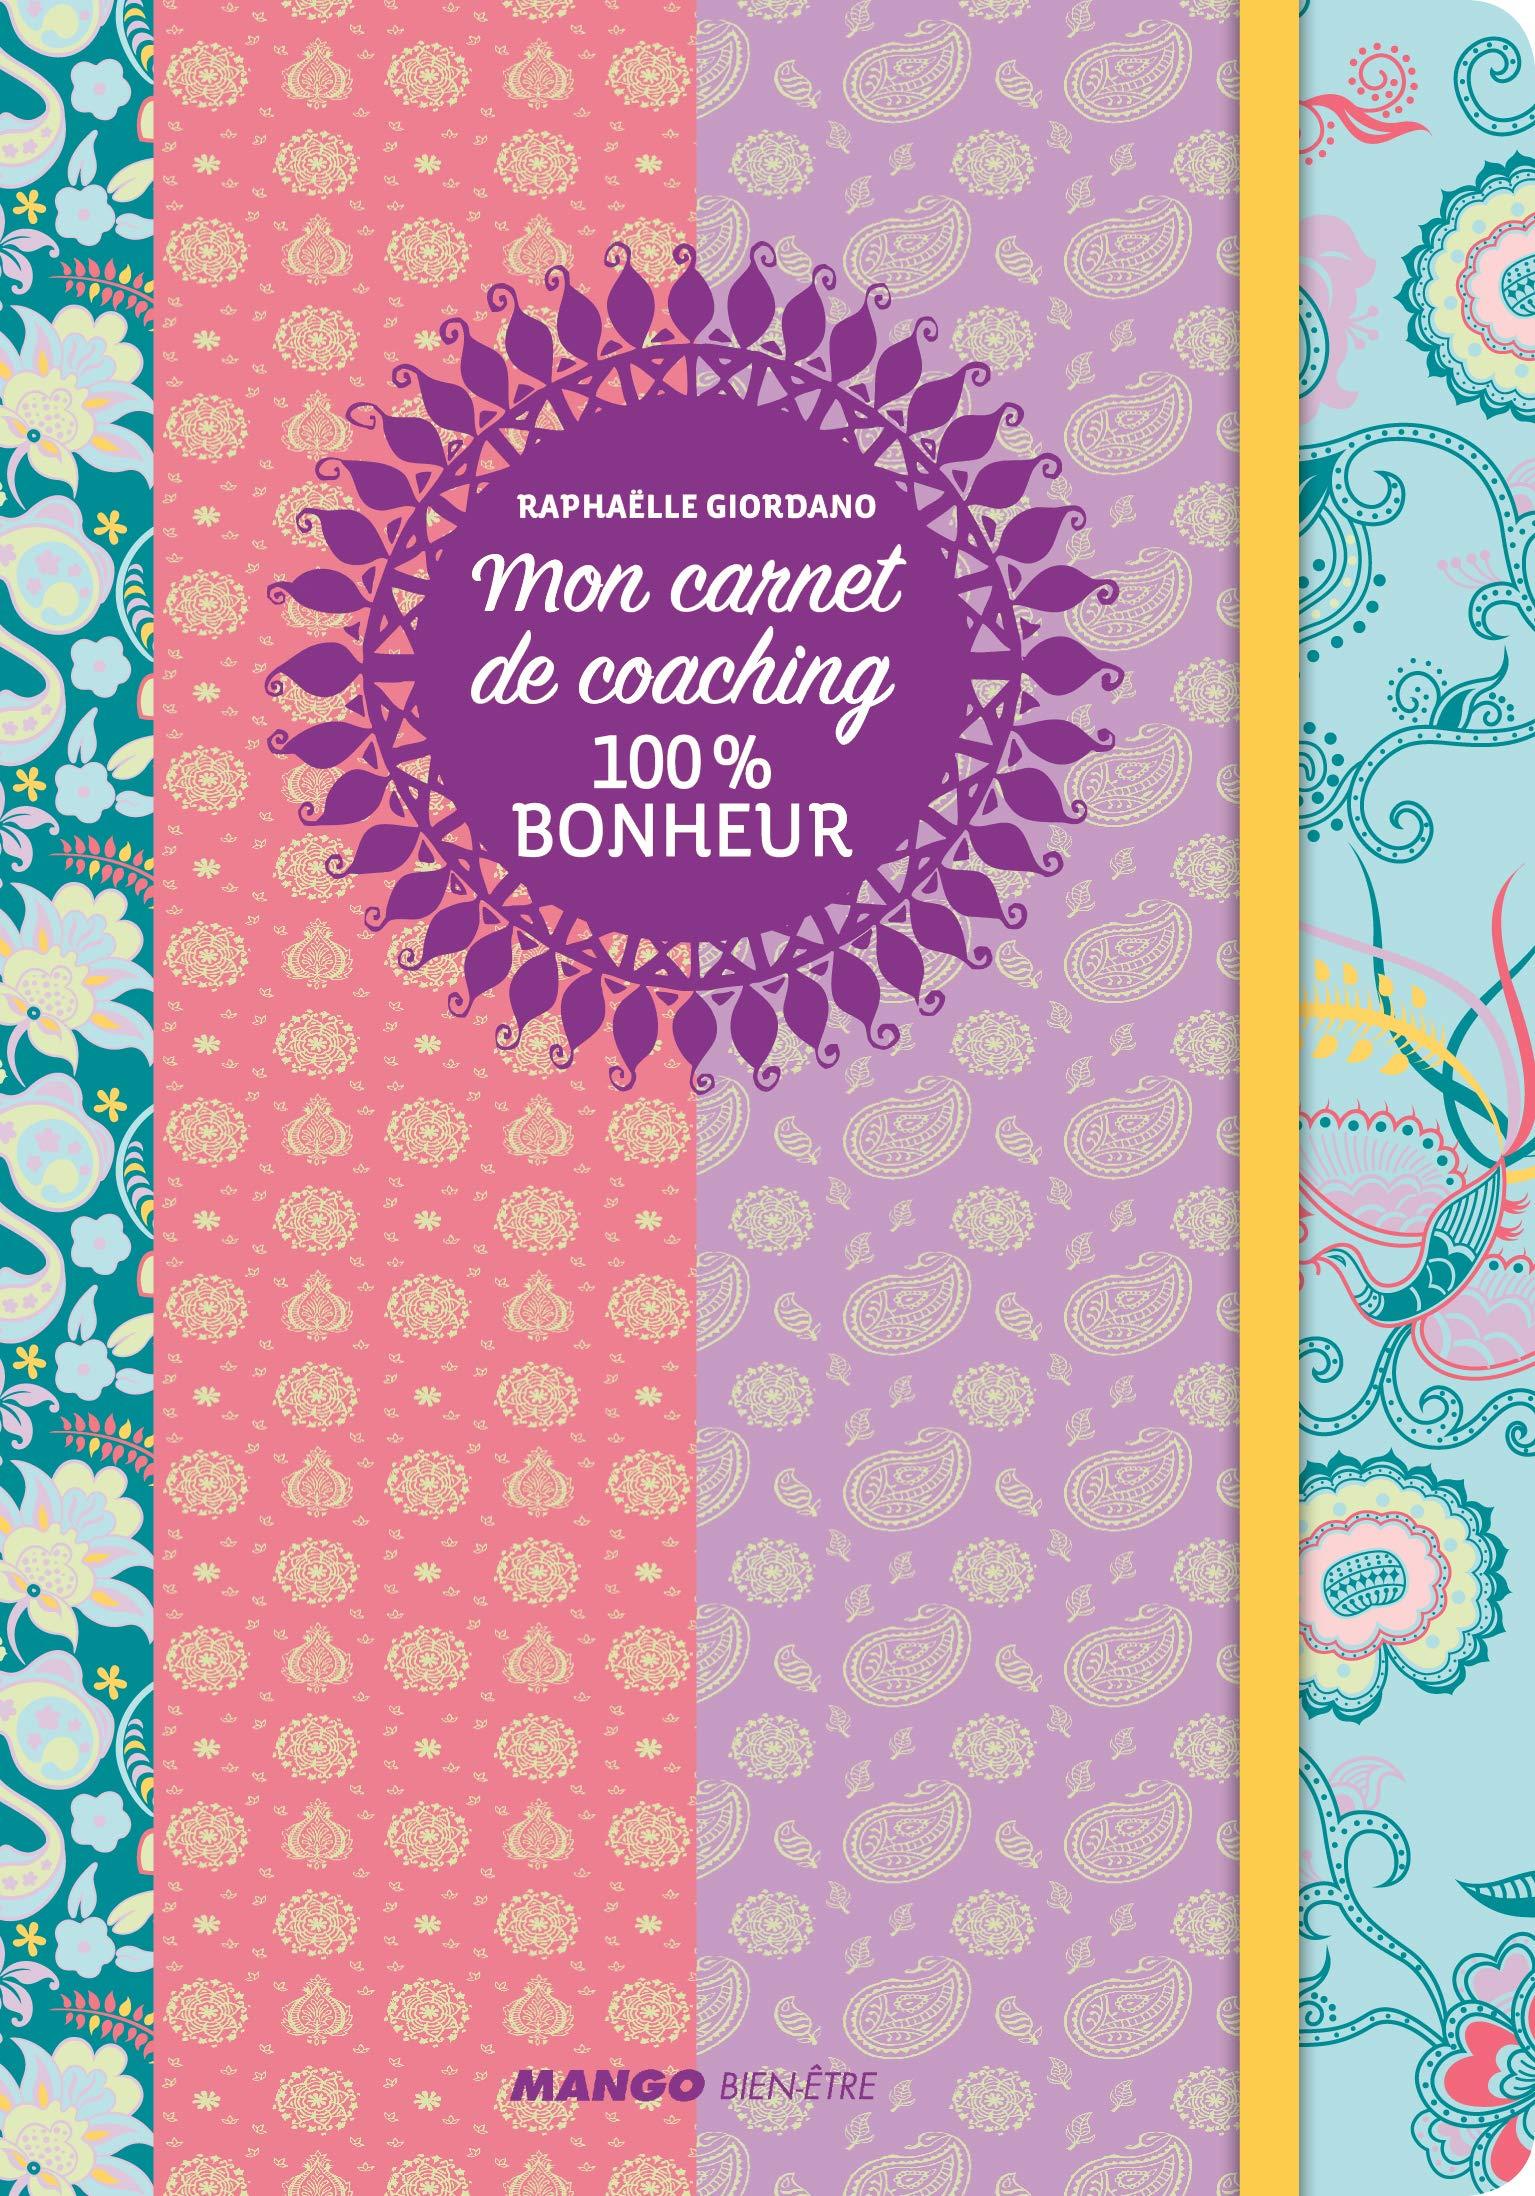 Mon carnet de coaching 100% bonheur: Amazon.es: Raphaëlle ...